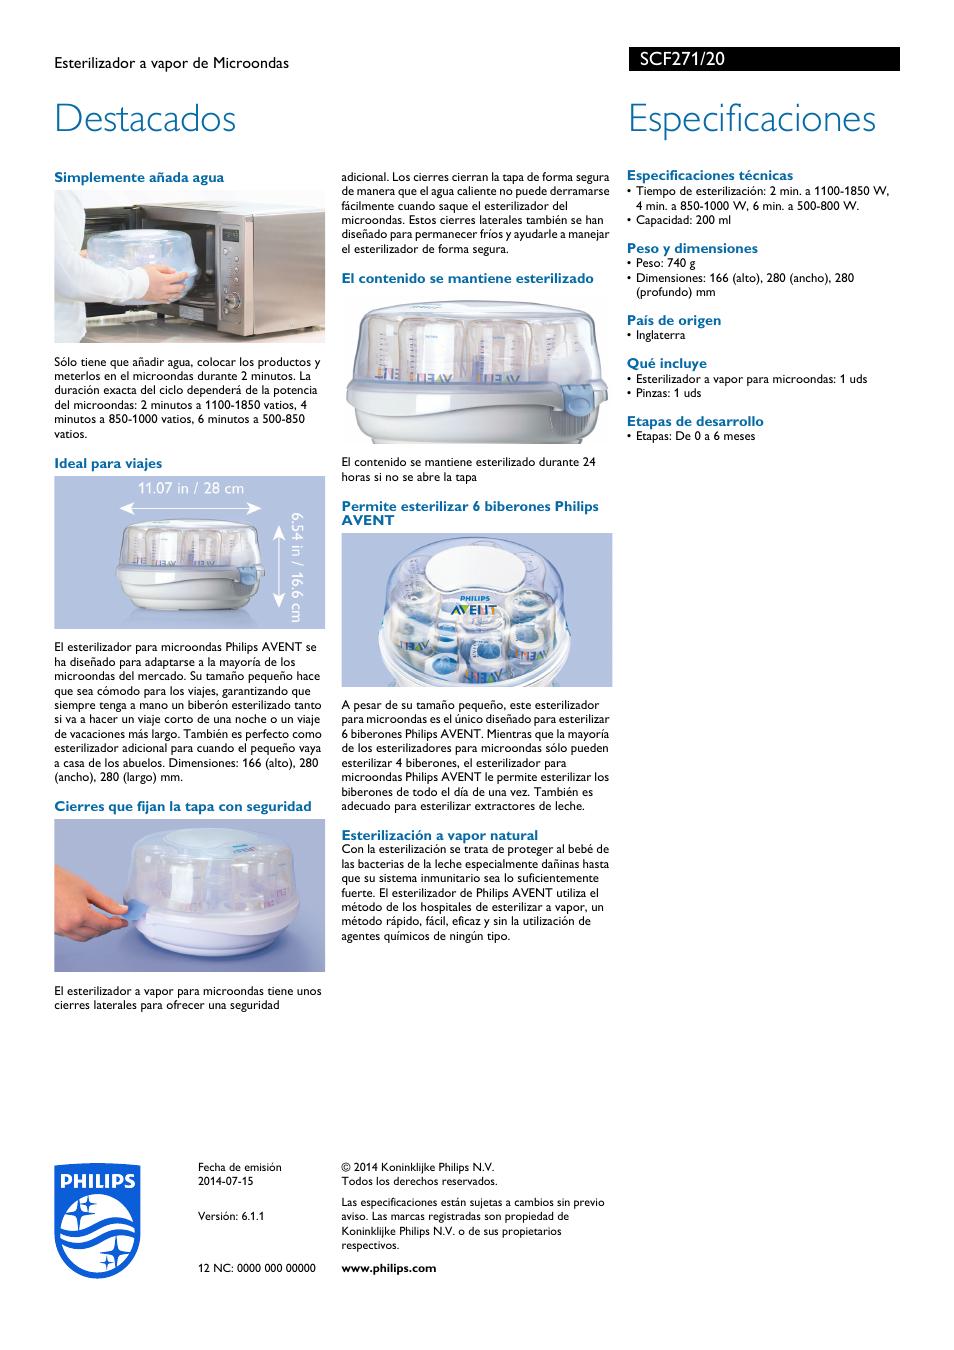 efdc2824b Destacados, Especificaciones | Philips AVENT Esterilizador a vapor de  Microondas Manual del usuario | Página 2 / 2